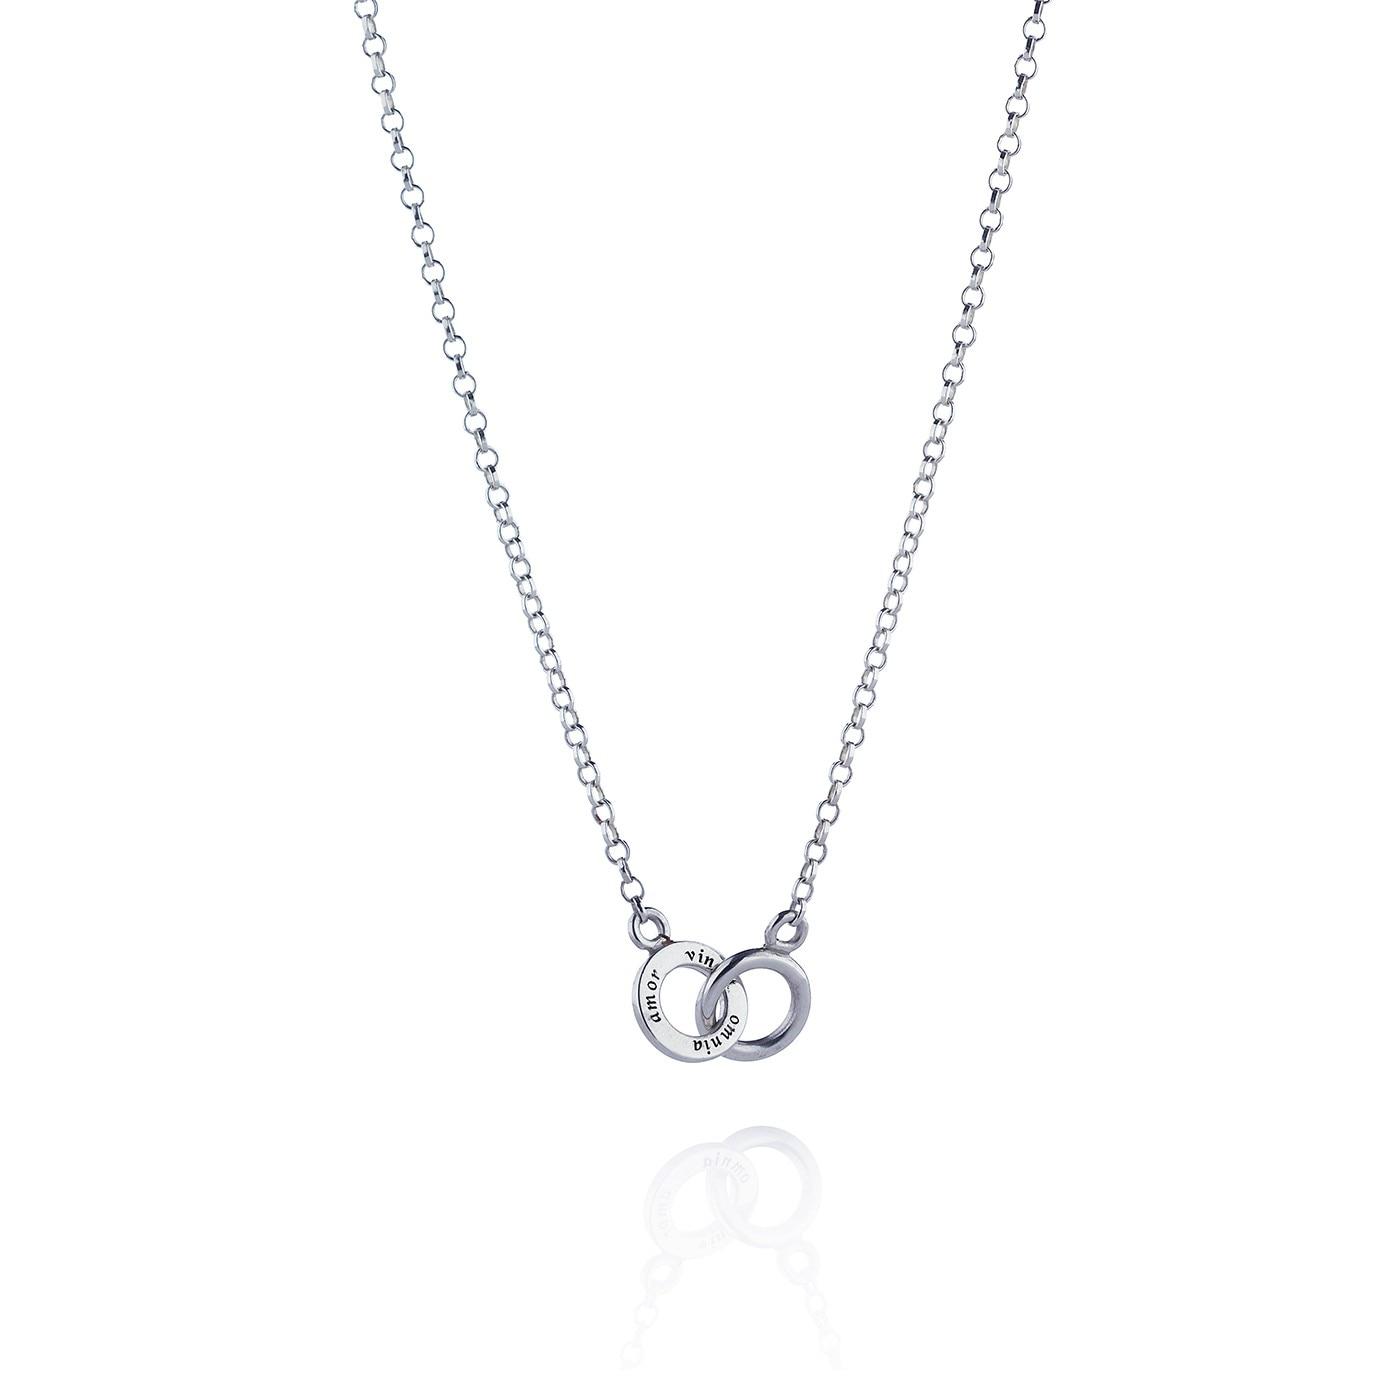 Mini Twosome Necklace